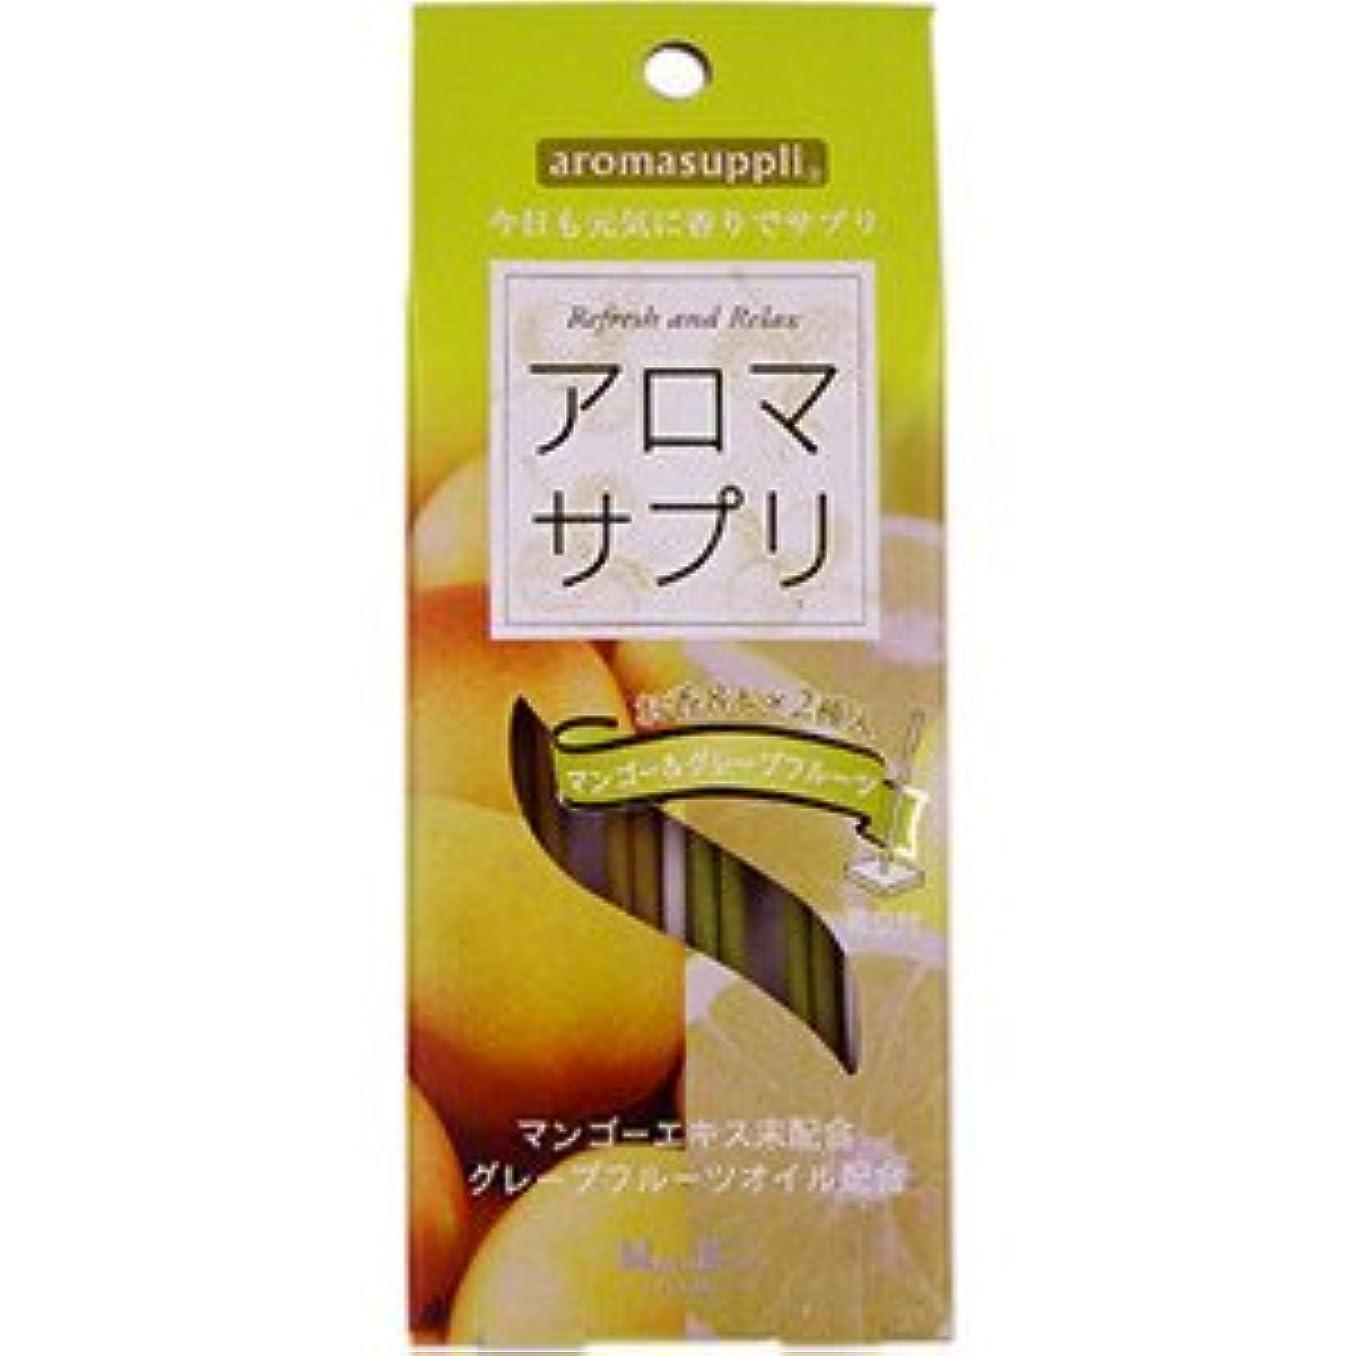 絶望的な応じる翻訳者日本香堂 アロマサプリ マンゴー&グレープフルーツ